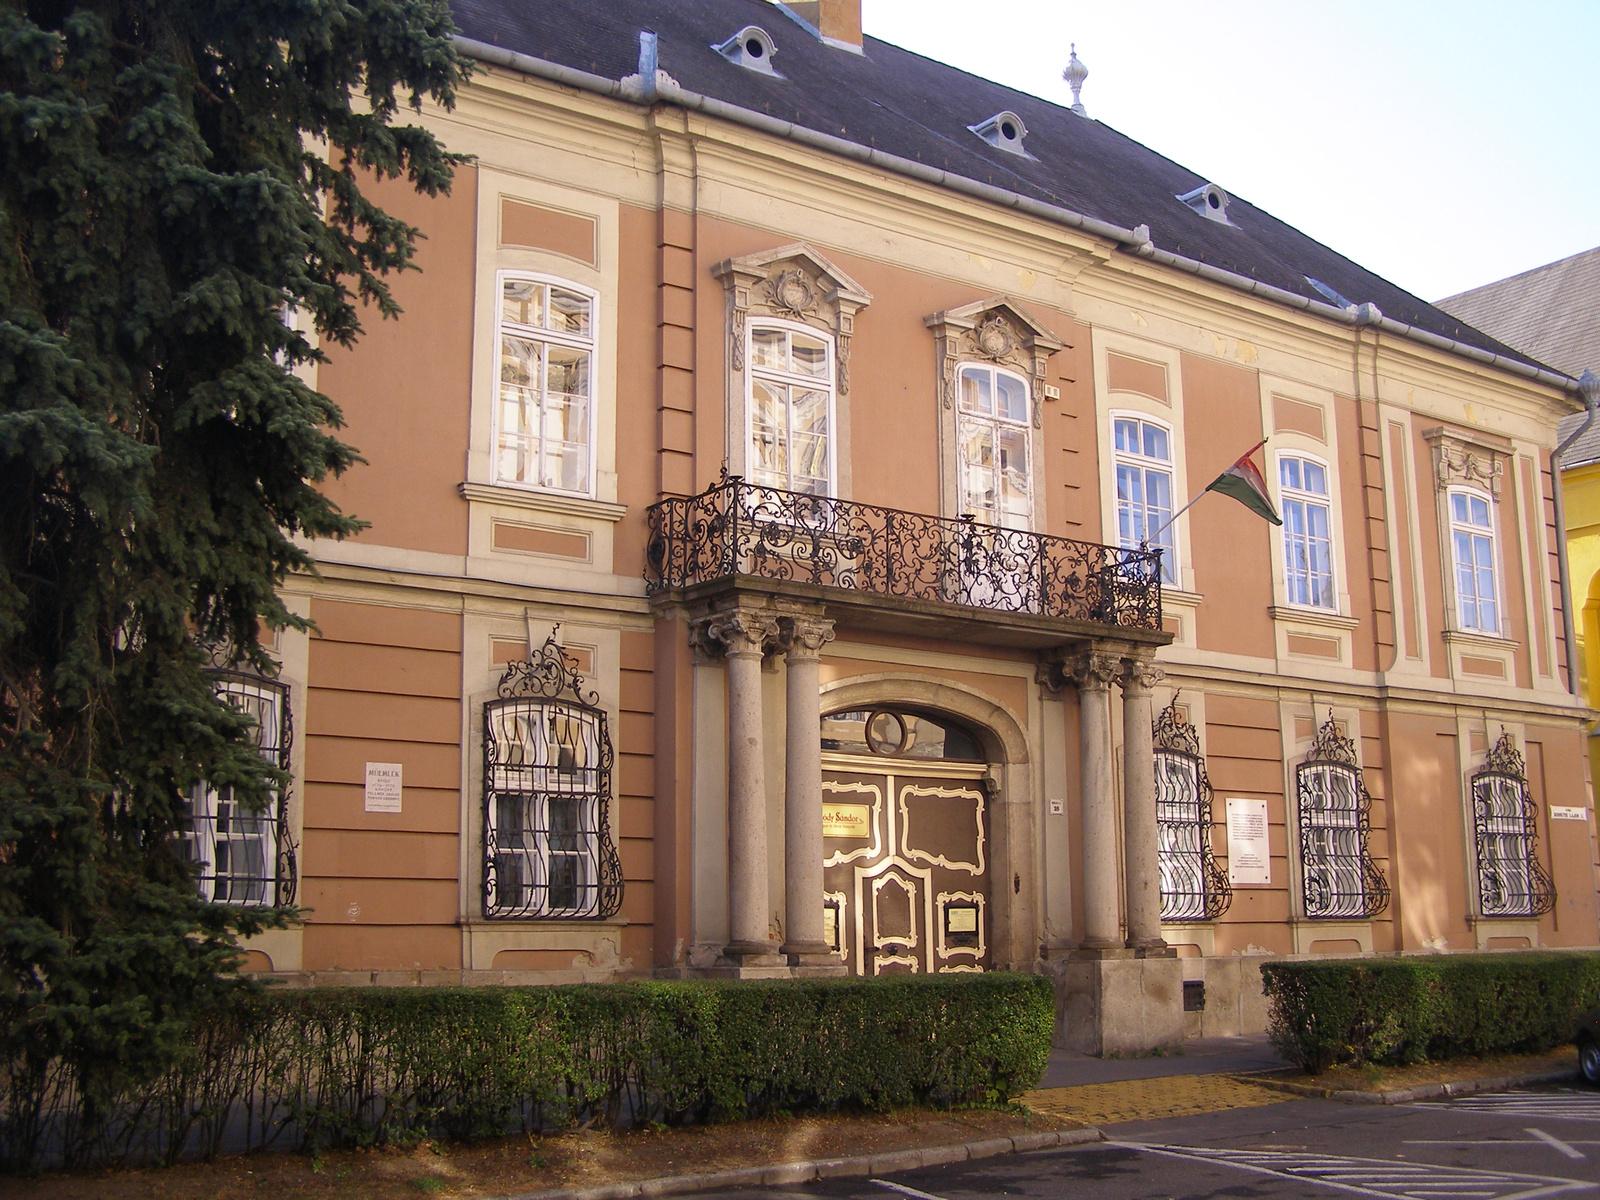 Nagypréposti-palota_(Bródy_Sándor_Megyei-_és_Városi_Könyvtár)_(5542._számú_műemlék).jpg